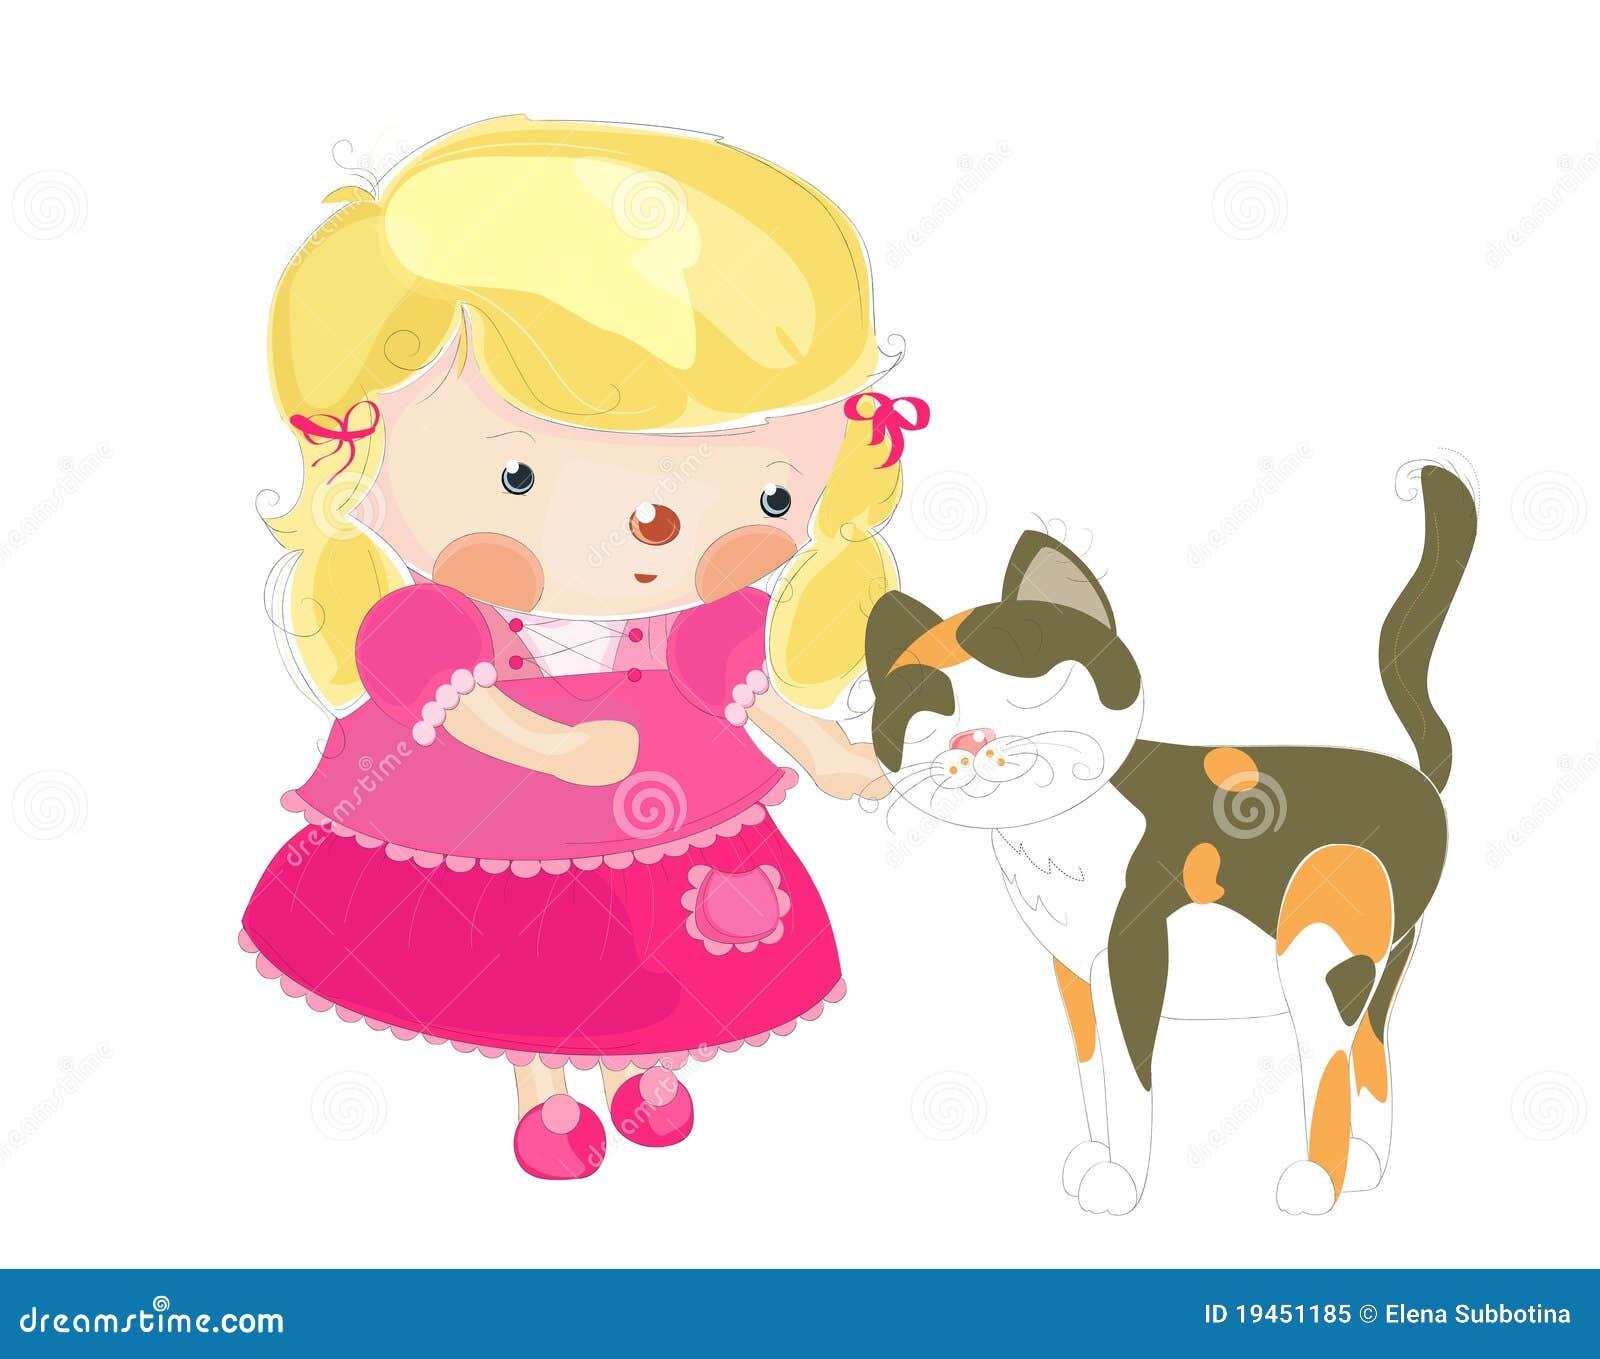 Comment chat avec une fille